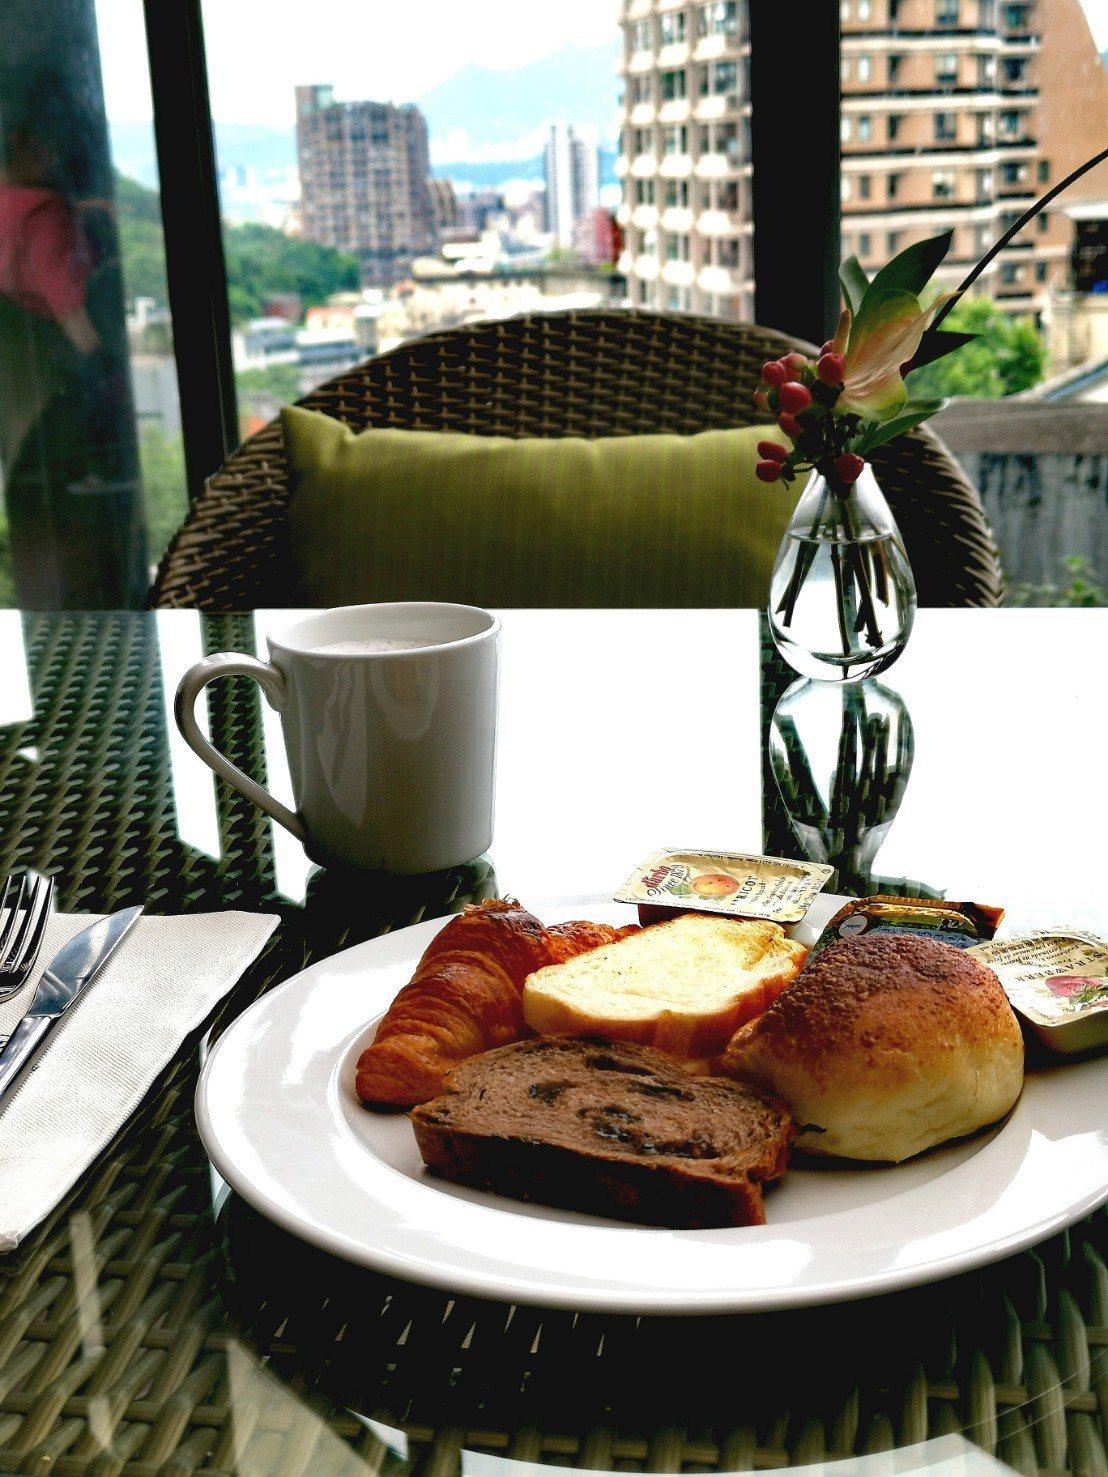 北投亞太飯店的早餐,室外空間有大片窗戶,可以俯視北投溫泉街的全景。記者韓化宇/攝...